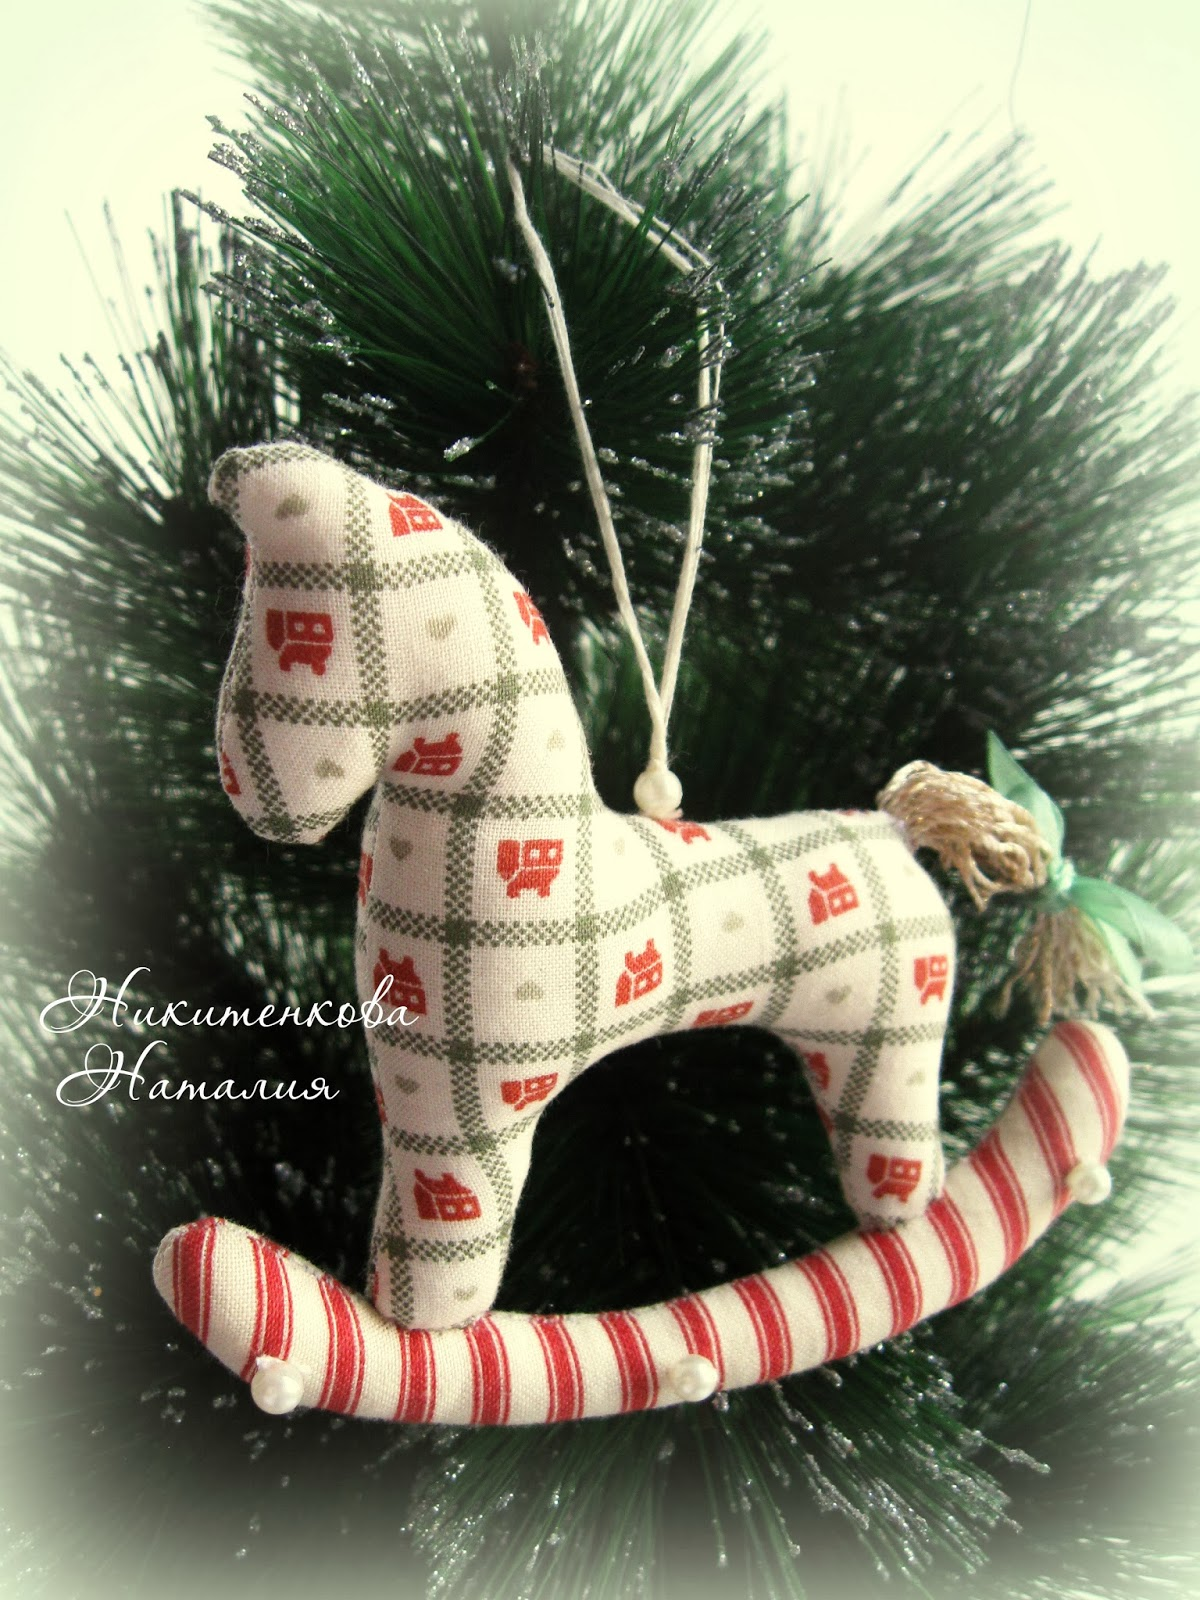 Лошадка, новогодние игрушки, на елку, Шар на ёлку, новогодние игрушки, новый год, елочные игрушки,